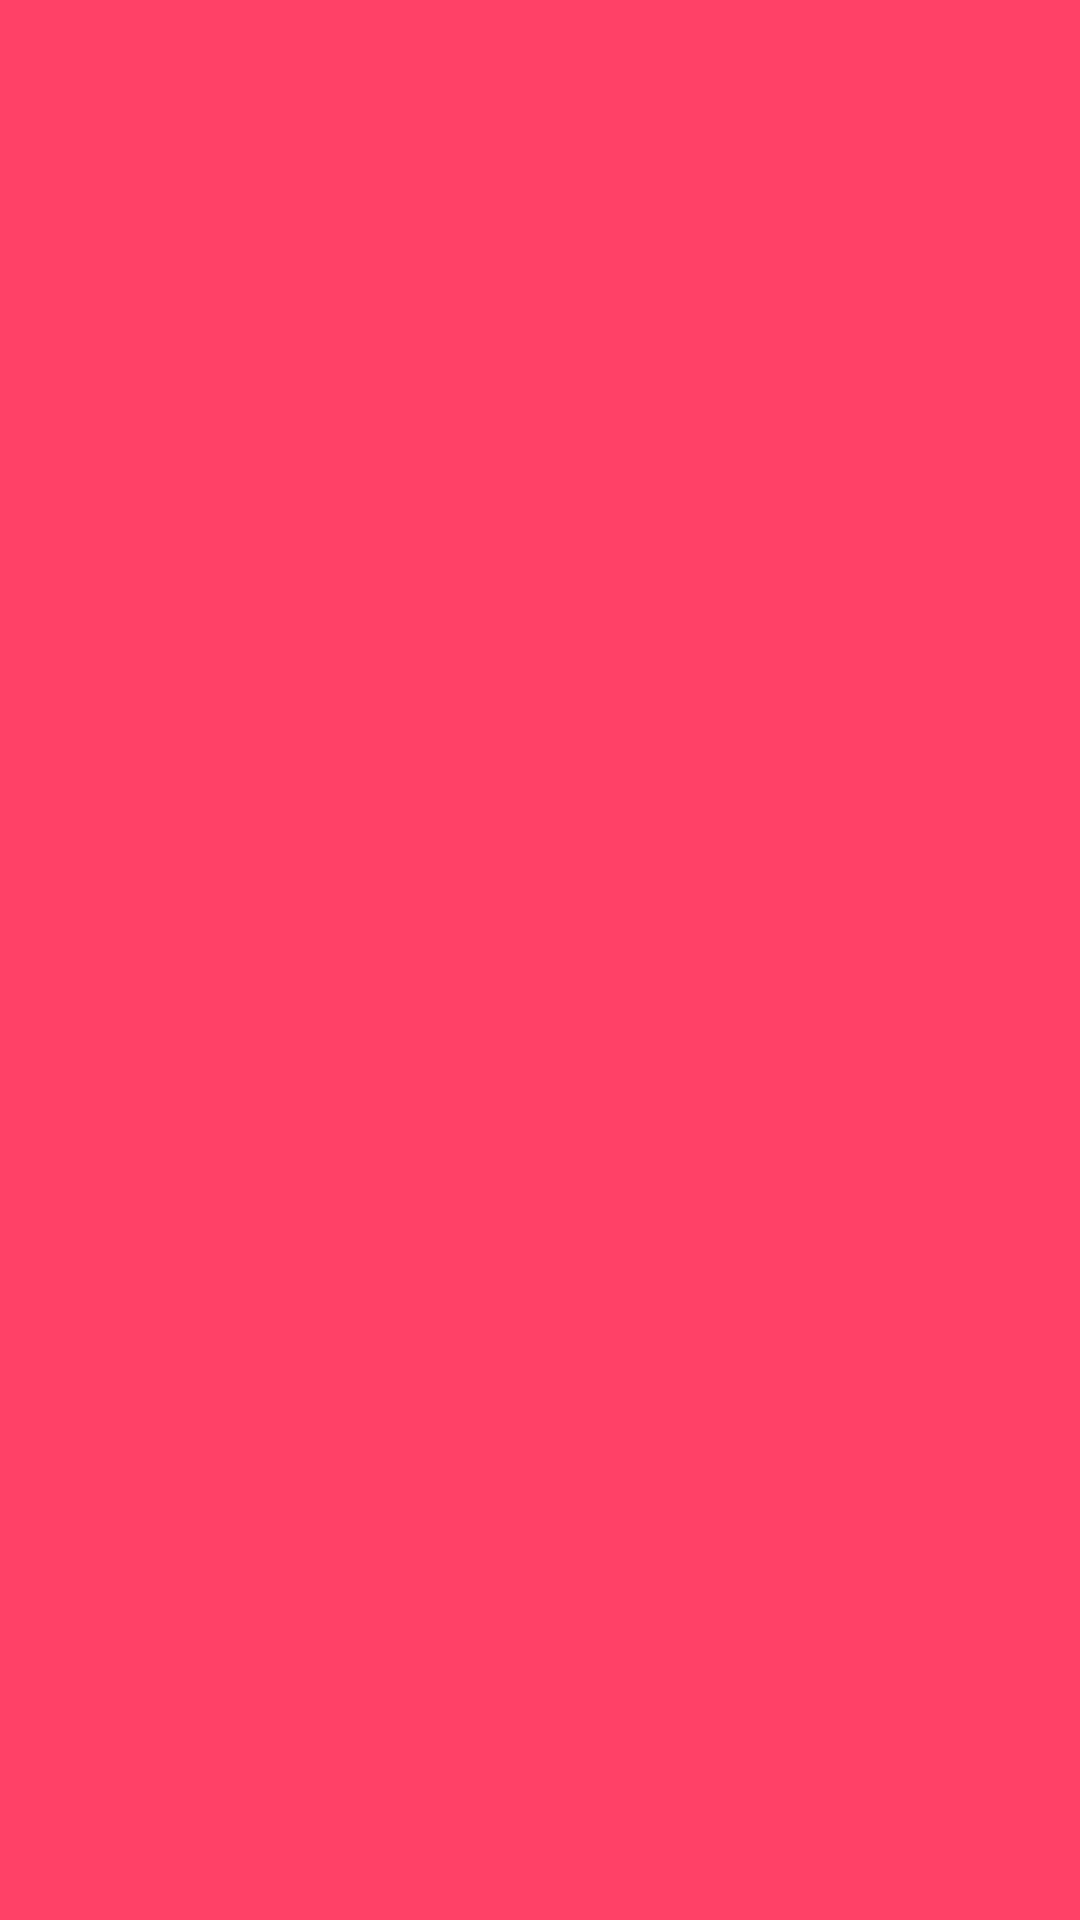 1080x1920 Neon Fuchsia Solid Color Background